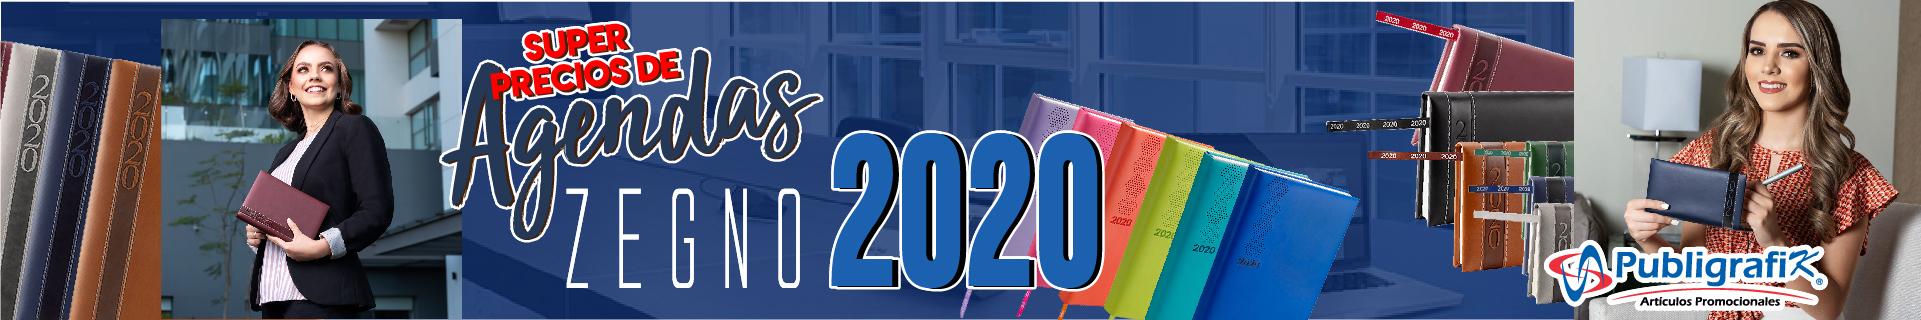 Preventa de agendas 2020